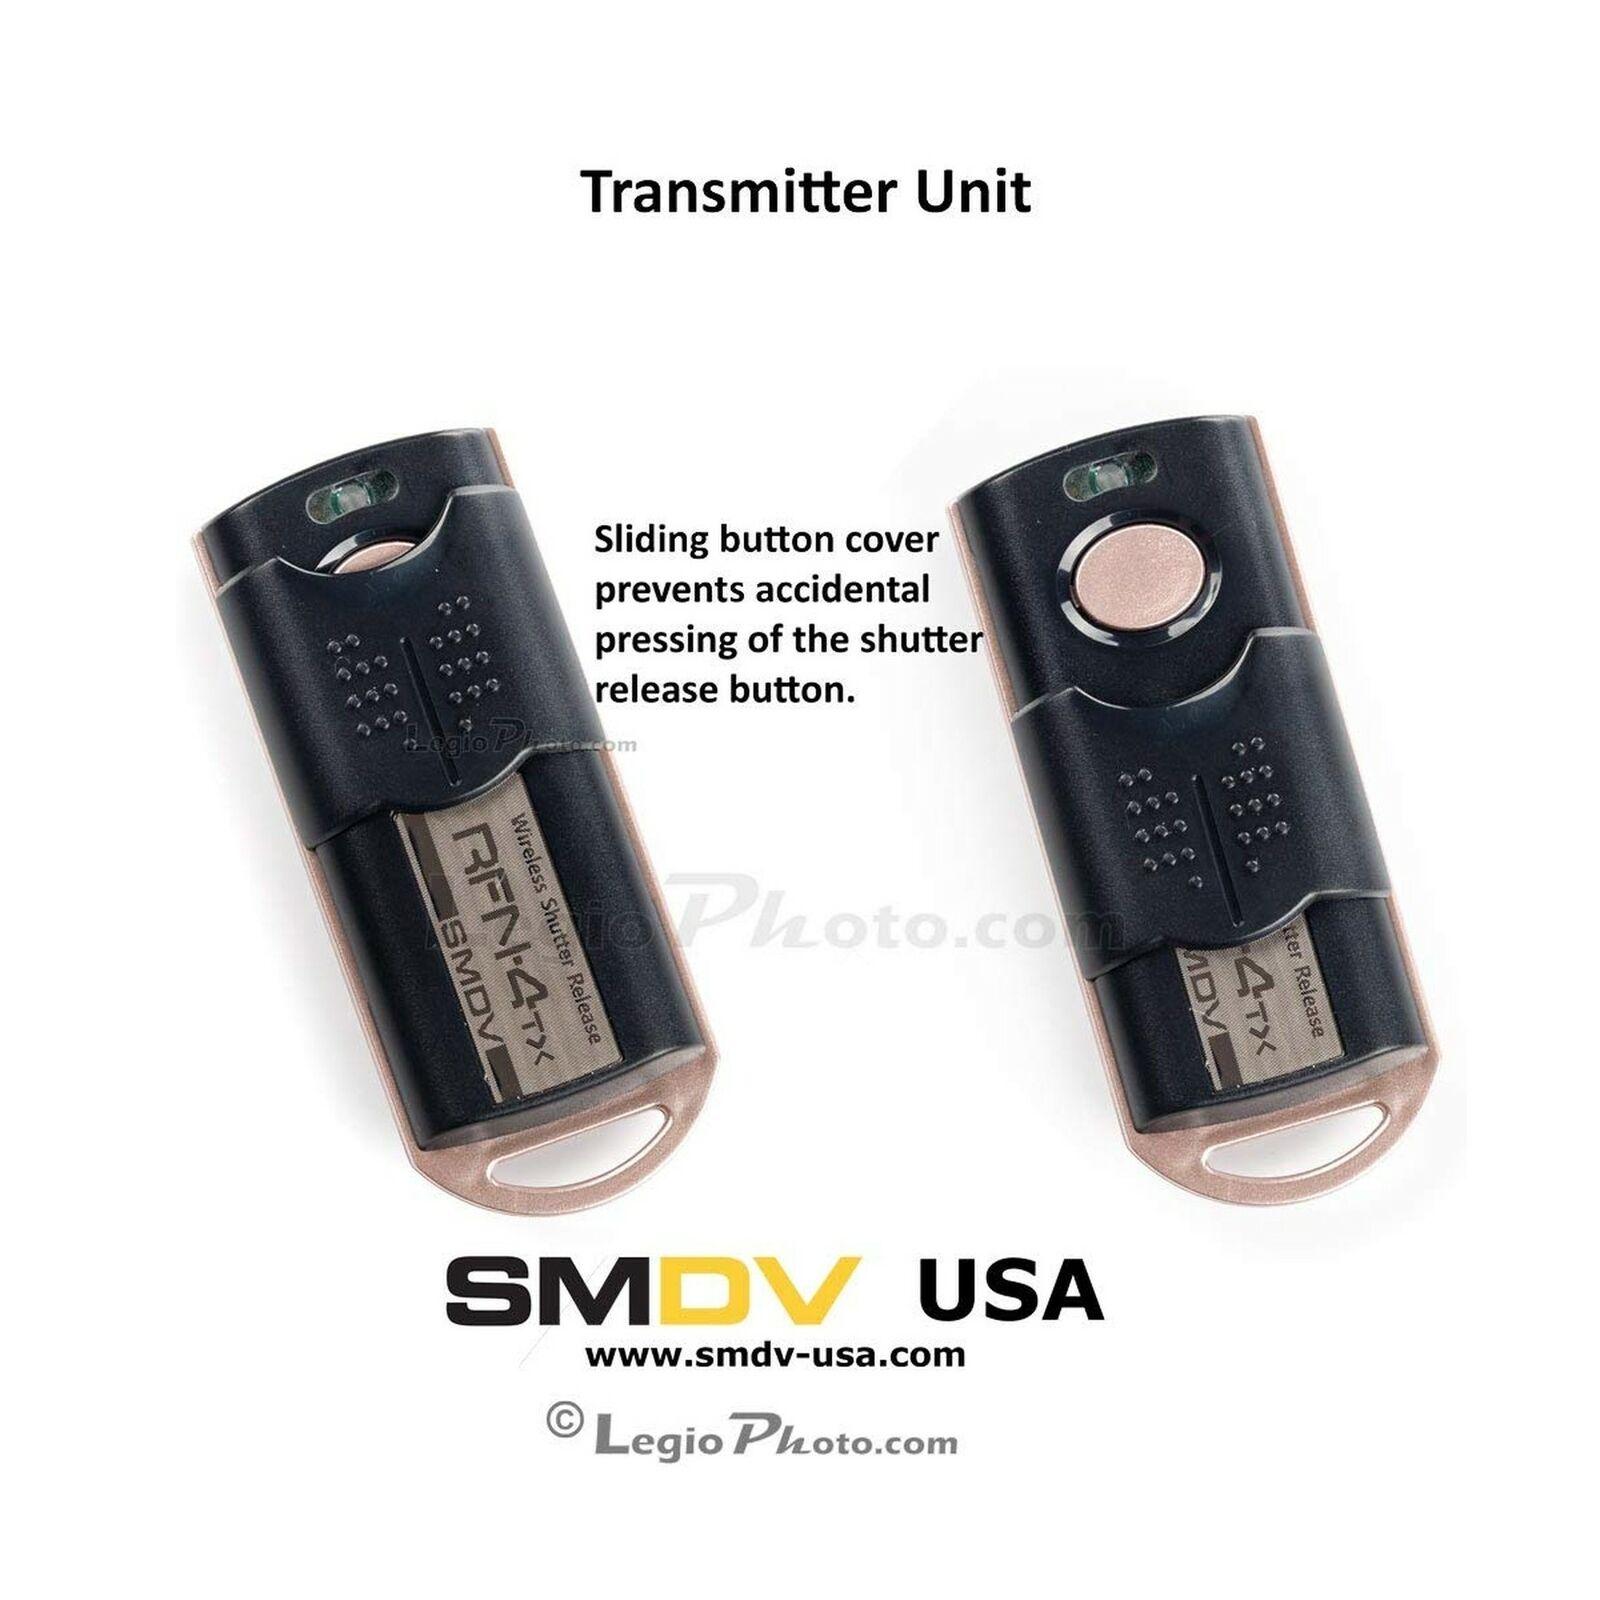 RFN-4s Wireless Remote Shutter Release for Nikon DSLR with MC30 Type Connection Nikon D200, D300, D300s, D500, D700, D800, D800E, D810, D1, D2, D3, D3x, D3s, D4, D5 Transmitter and Receiver Set